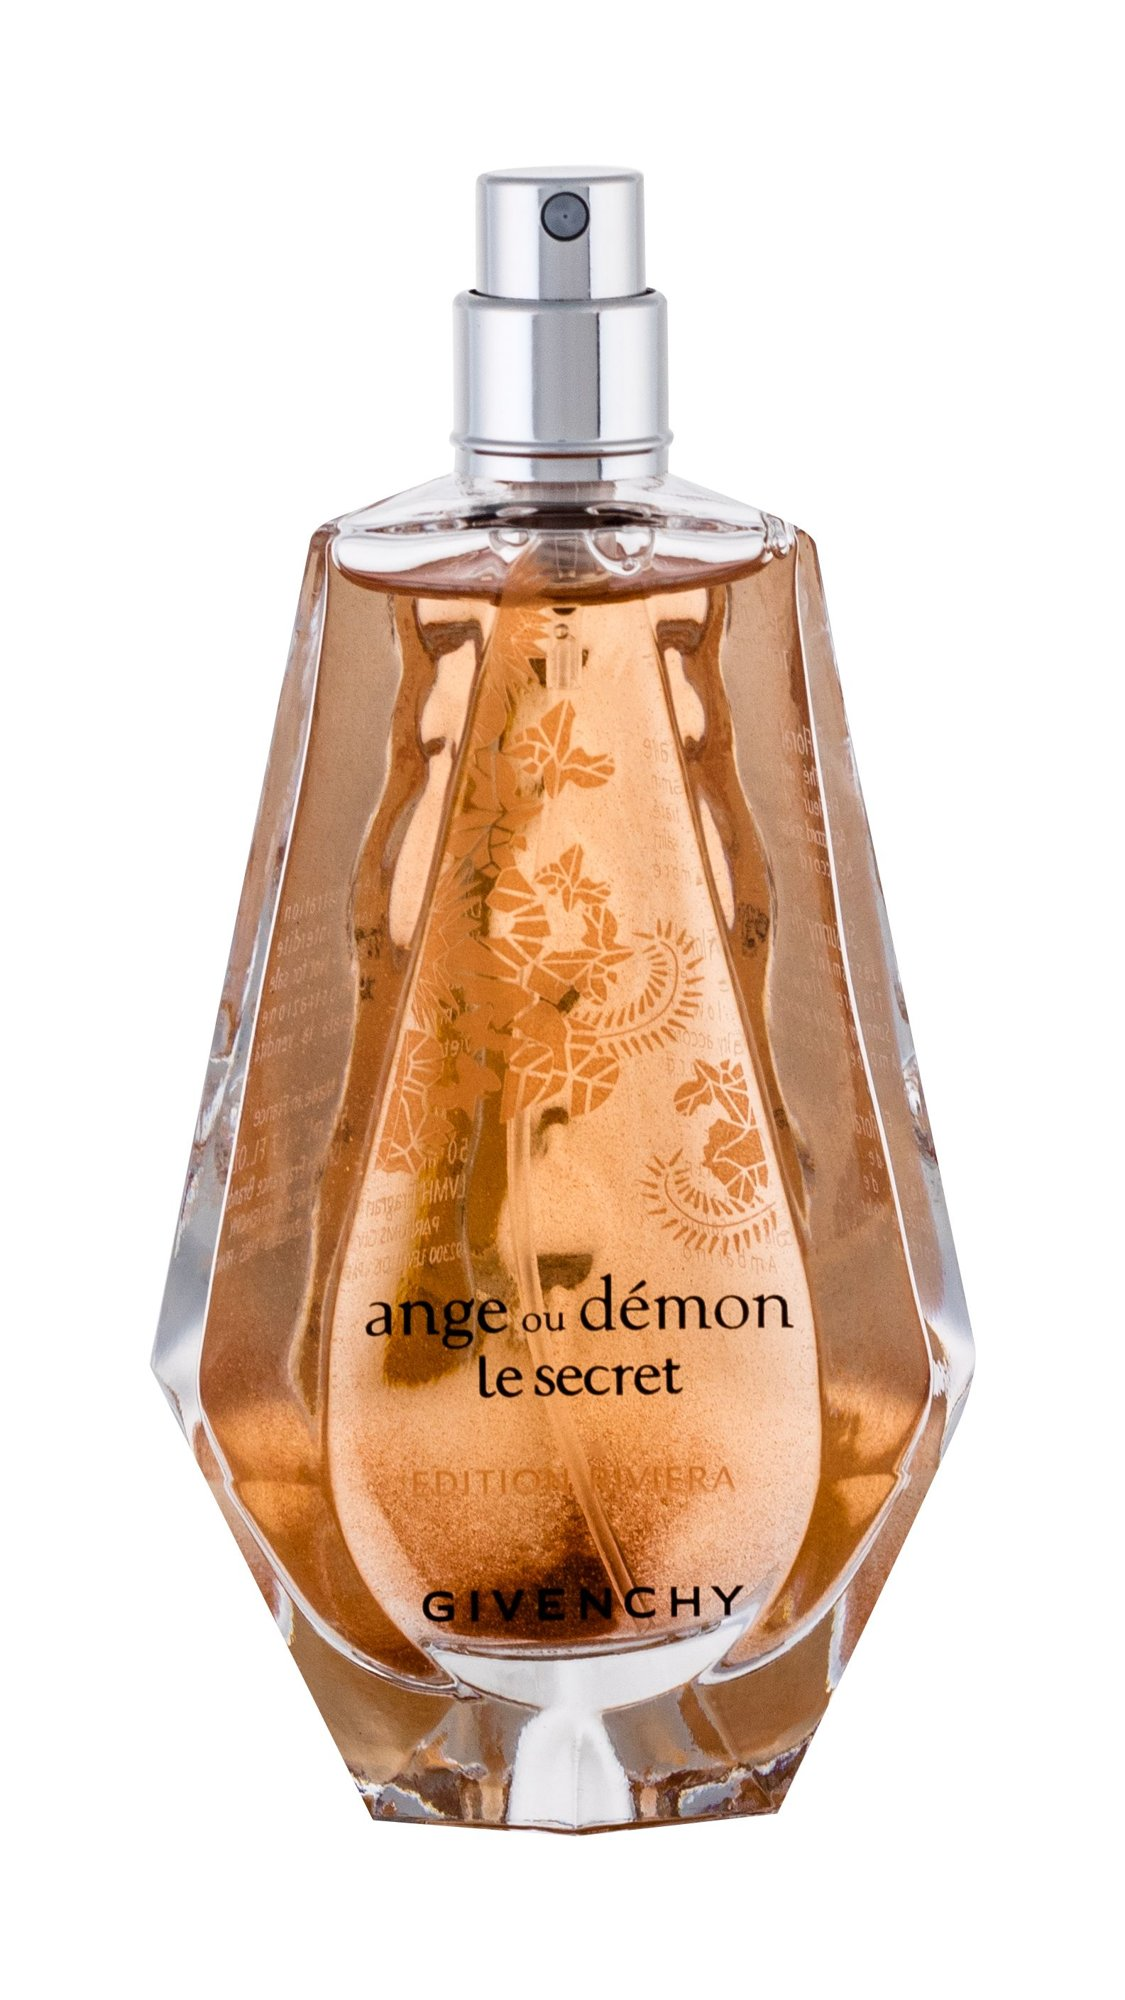 Givenchy Ange ou Demon (Etrange) Eau de Toilette 50ml